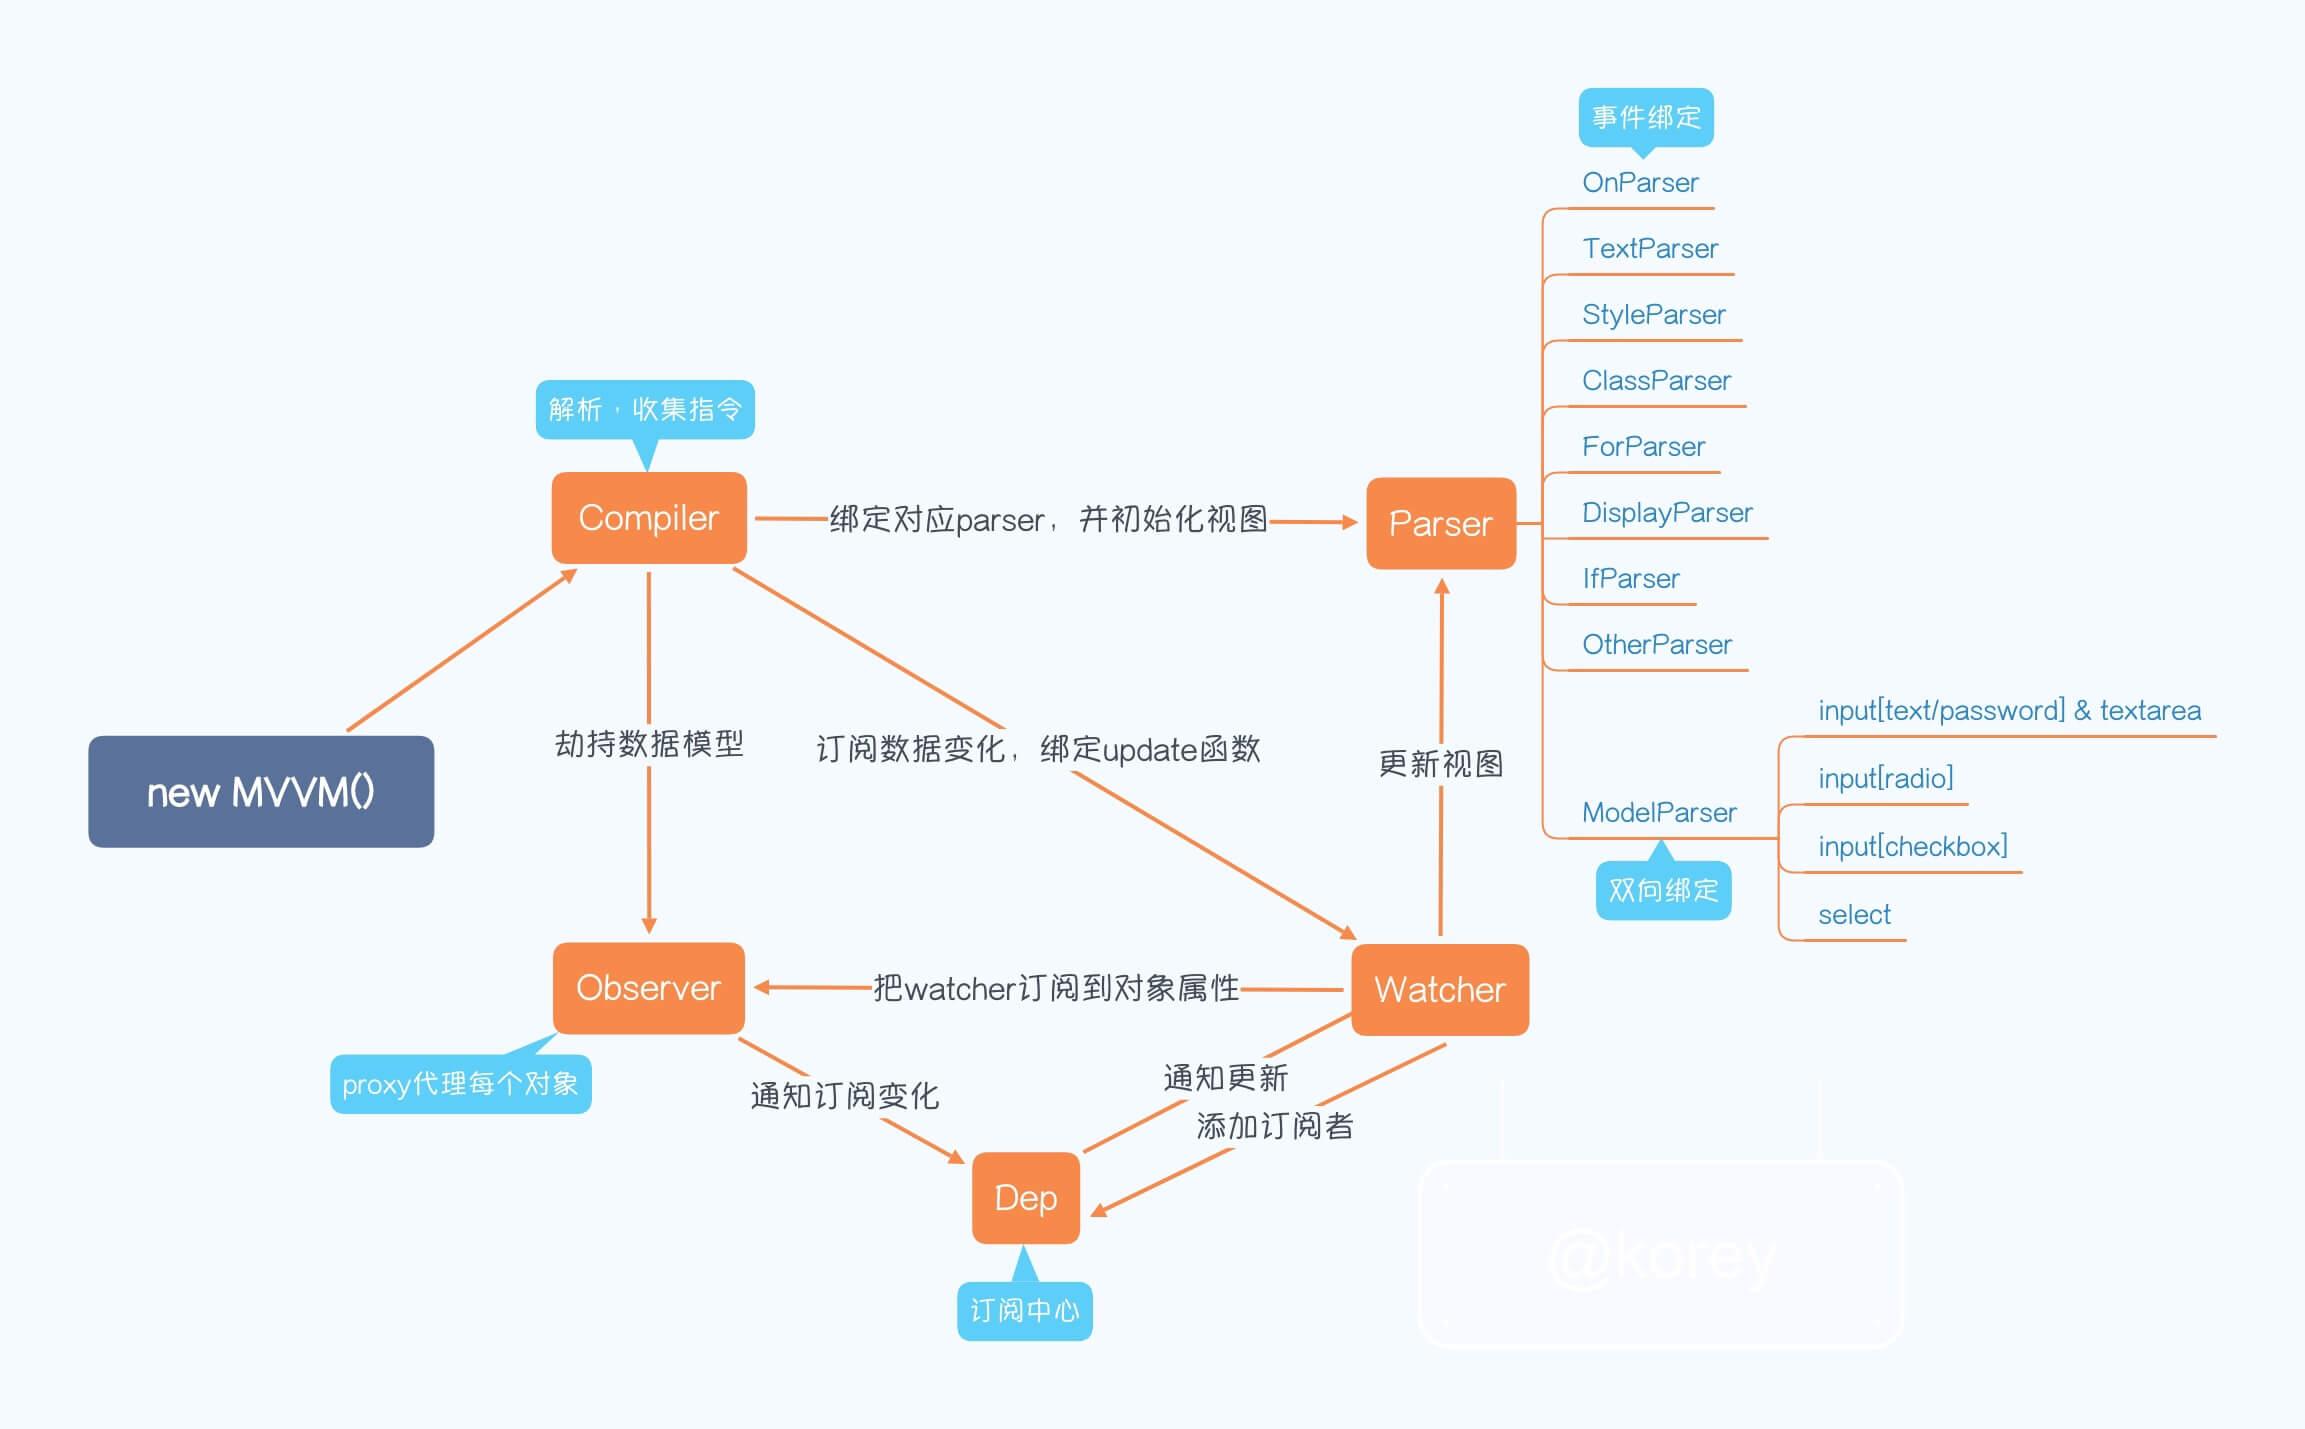 mvvm.js整体流程图